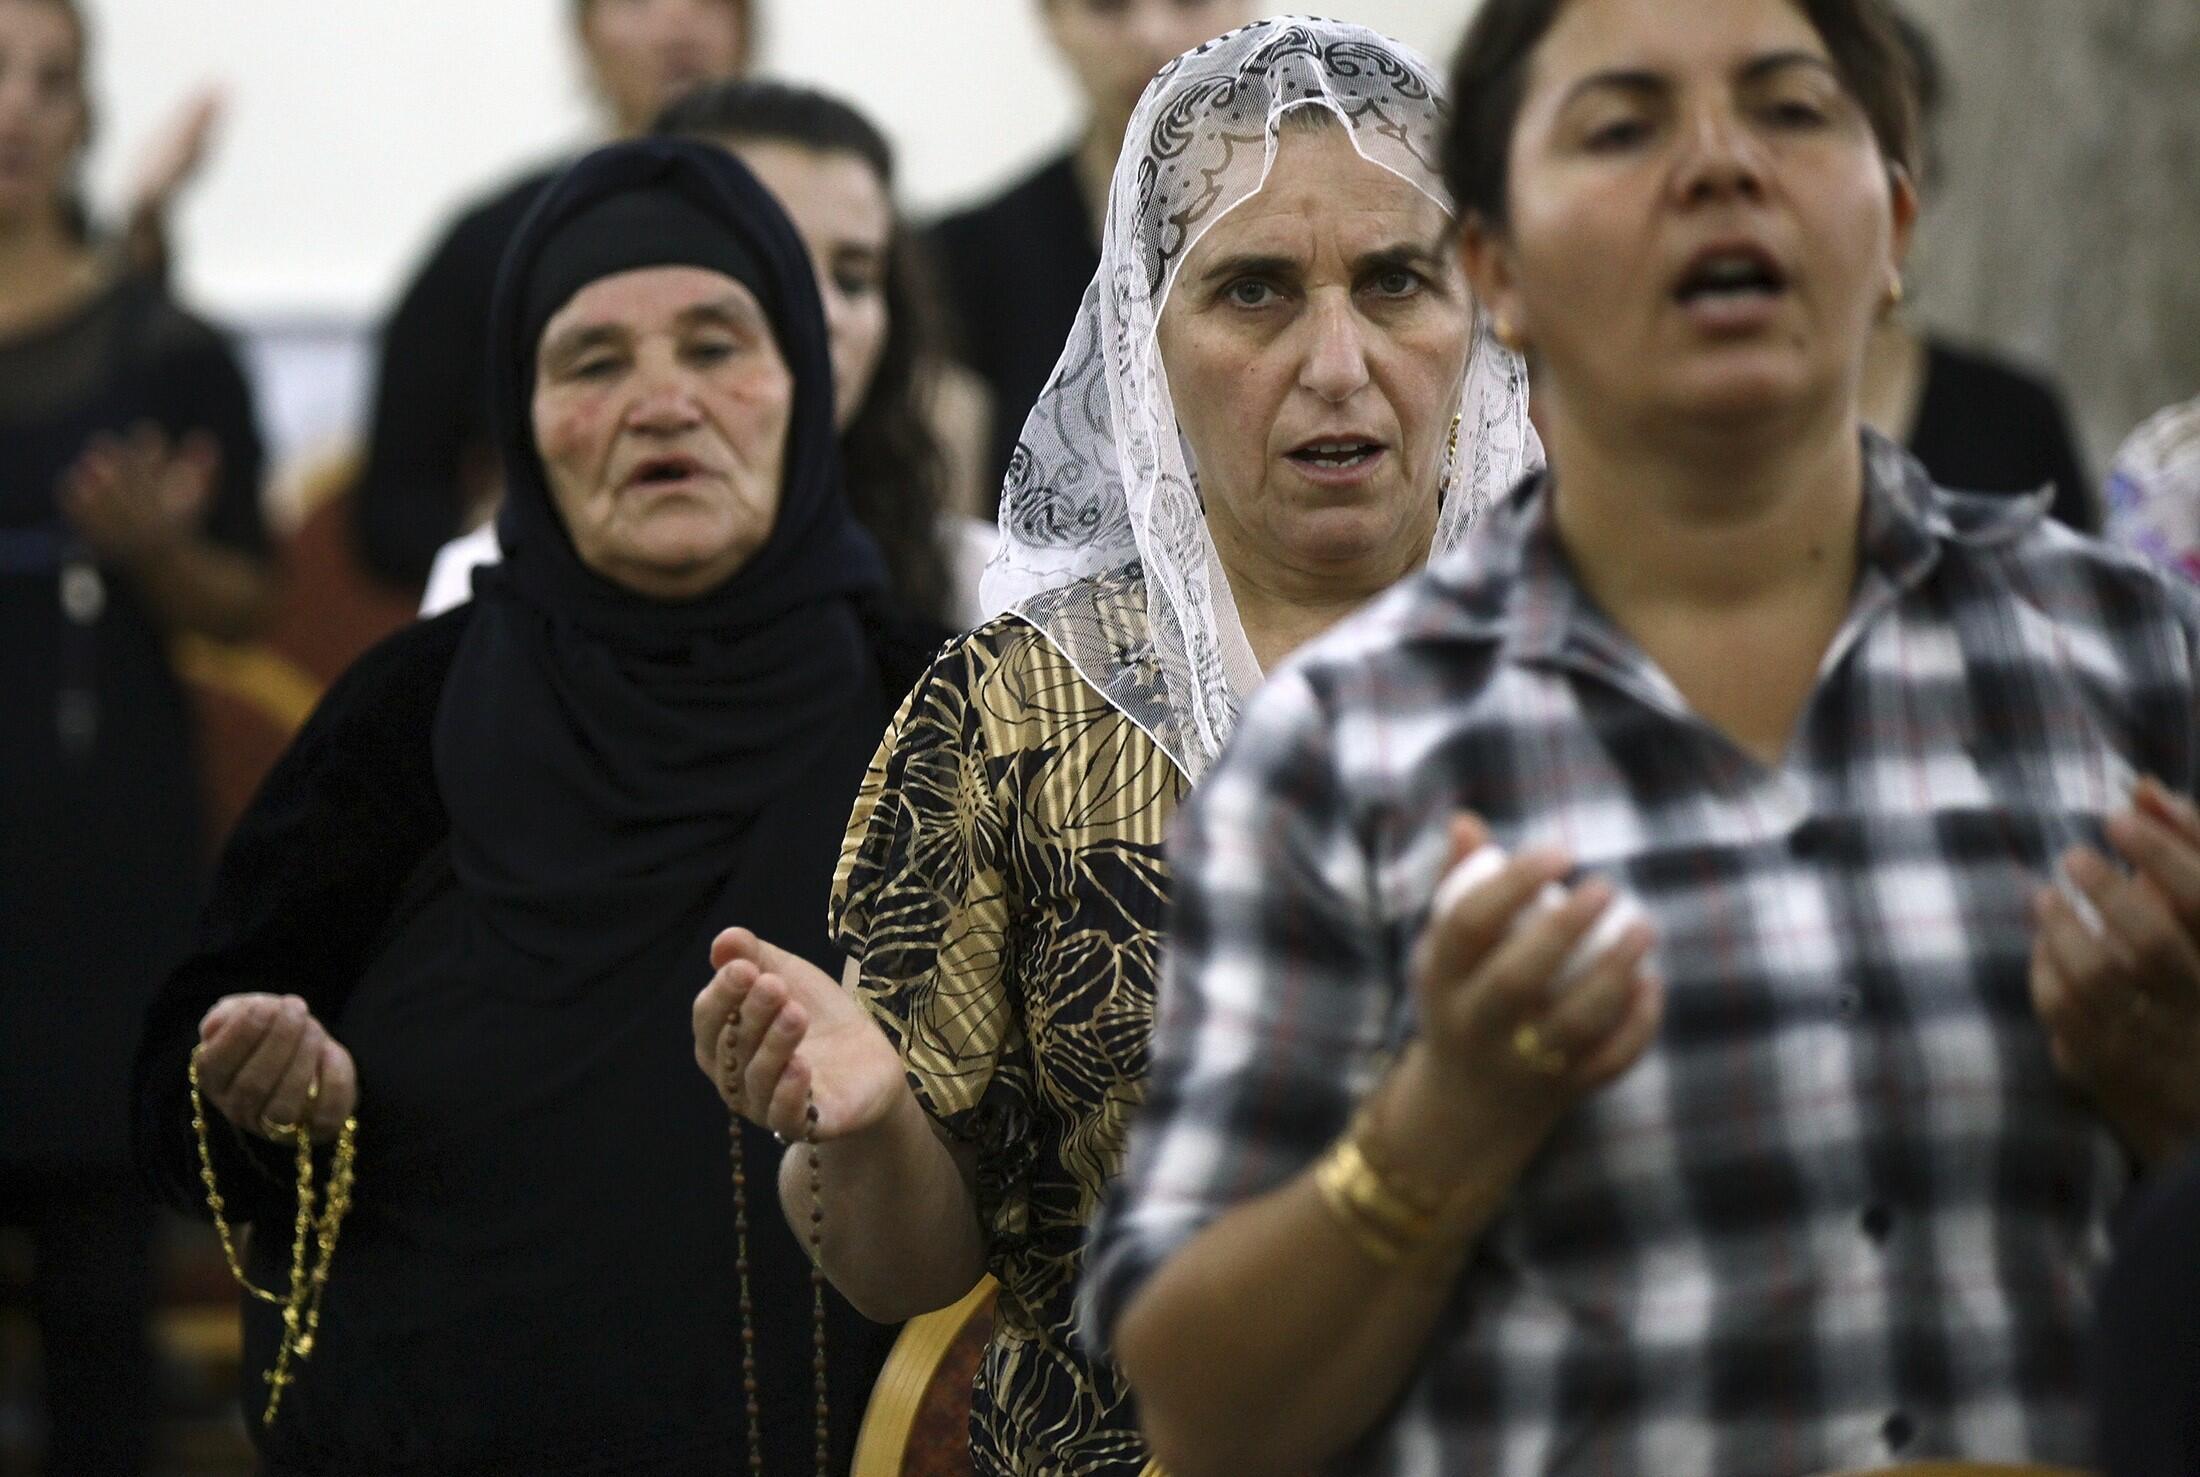 Des chrétiens irakiens qui ont fui les violences à Mossoul, prient dans l'église de Mar Afram à Qaraqush, dans la province de Nineveh, le 19 juillet 2014.